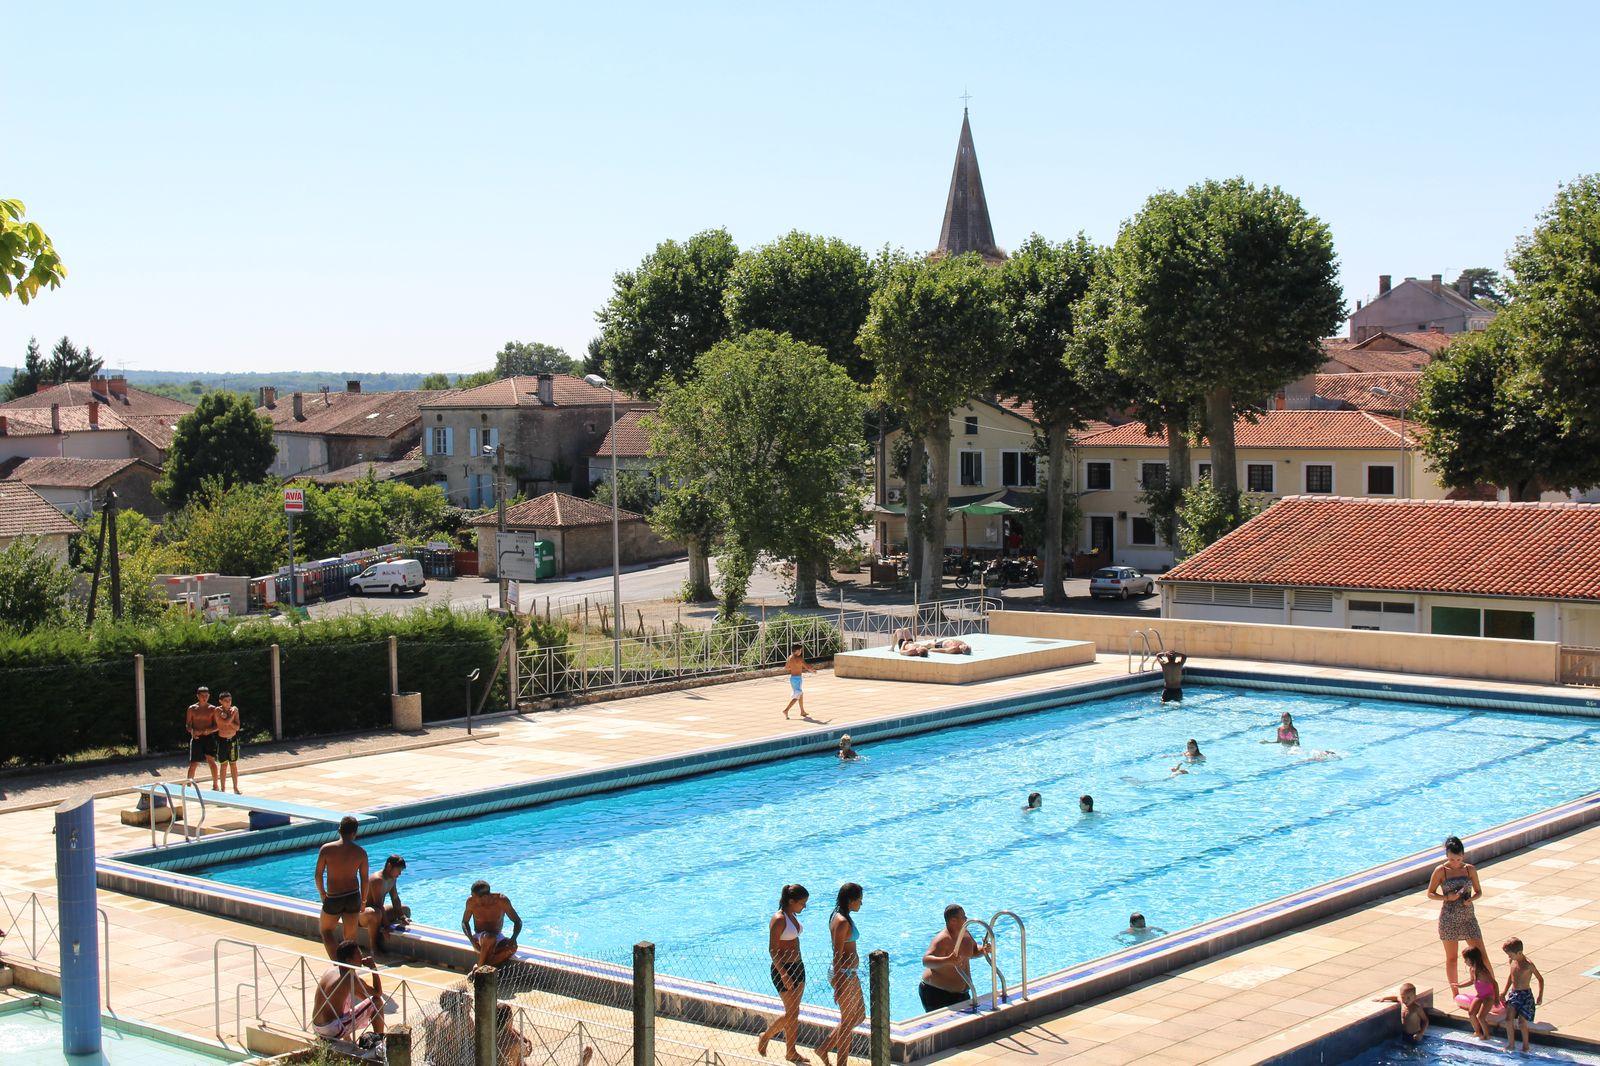 Les piscines d 39 t de charente limousine for Piscine 42 php